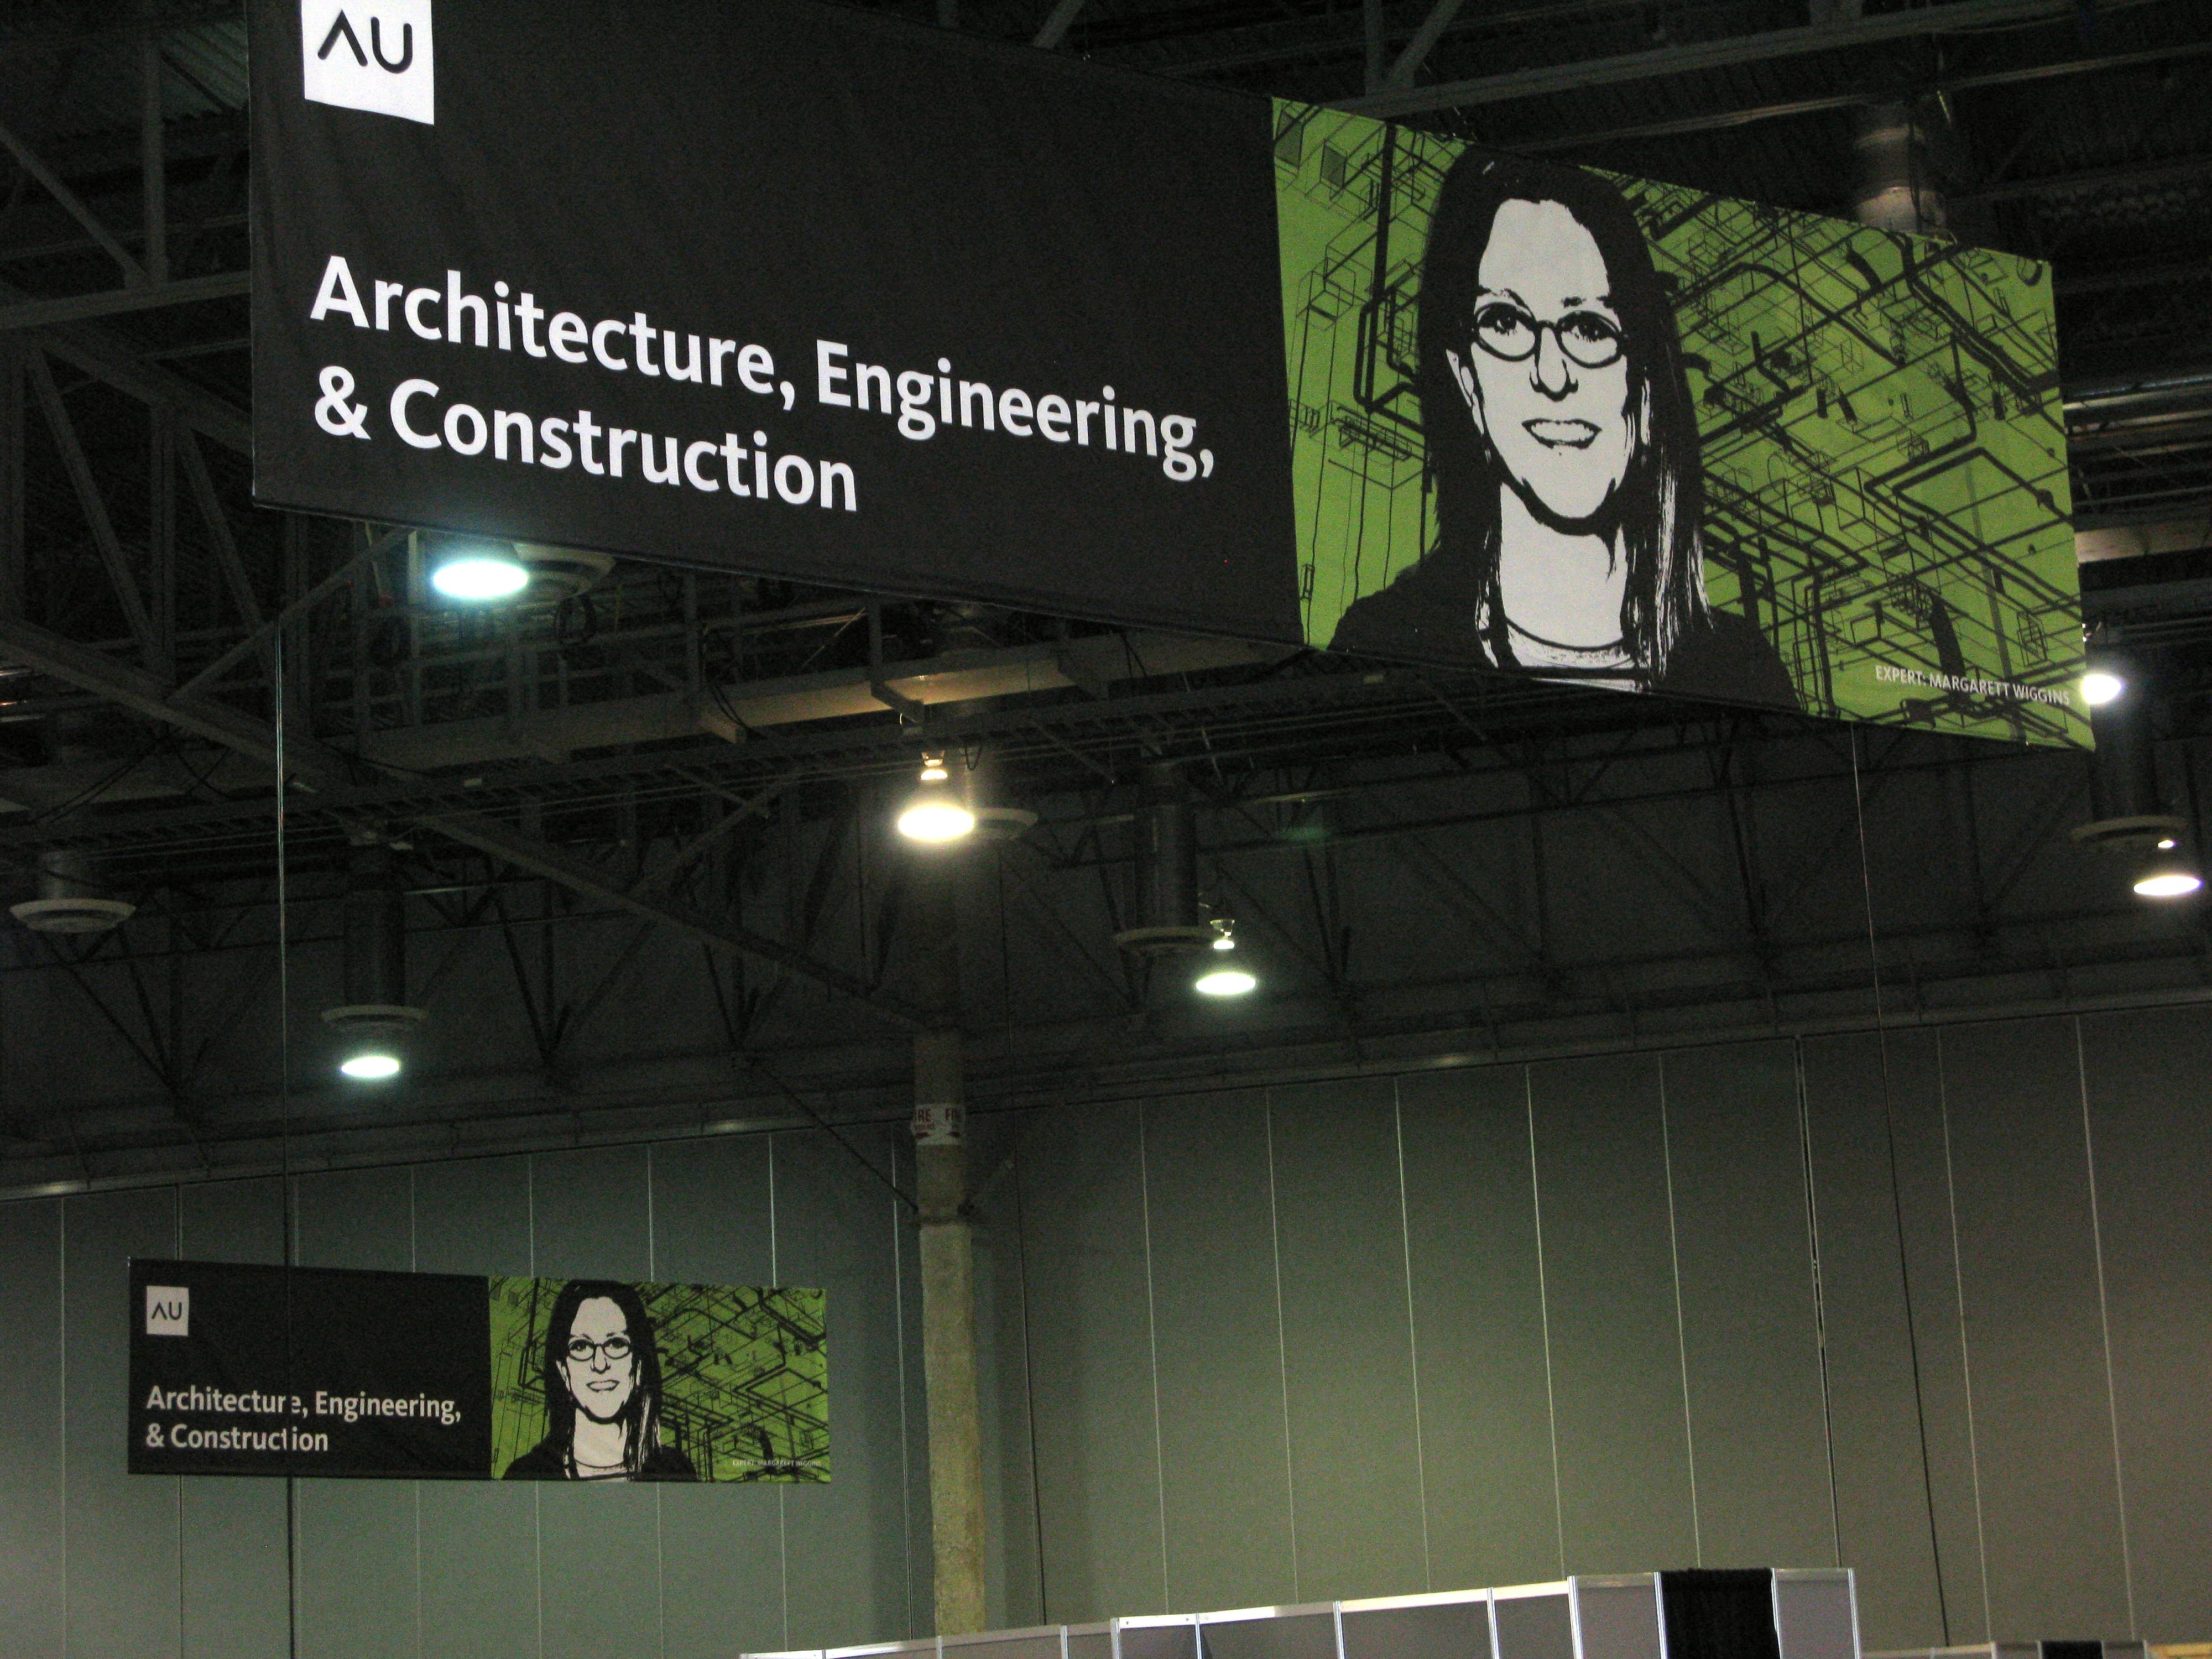 Autodesk University Conference